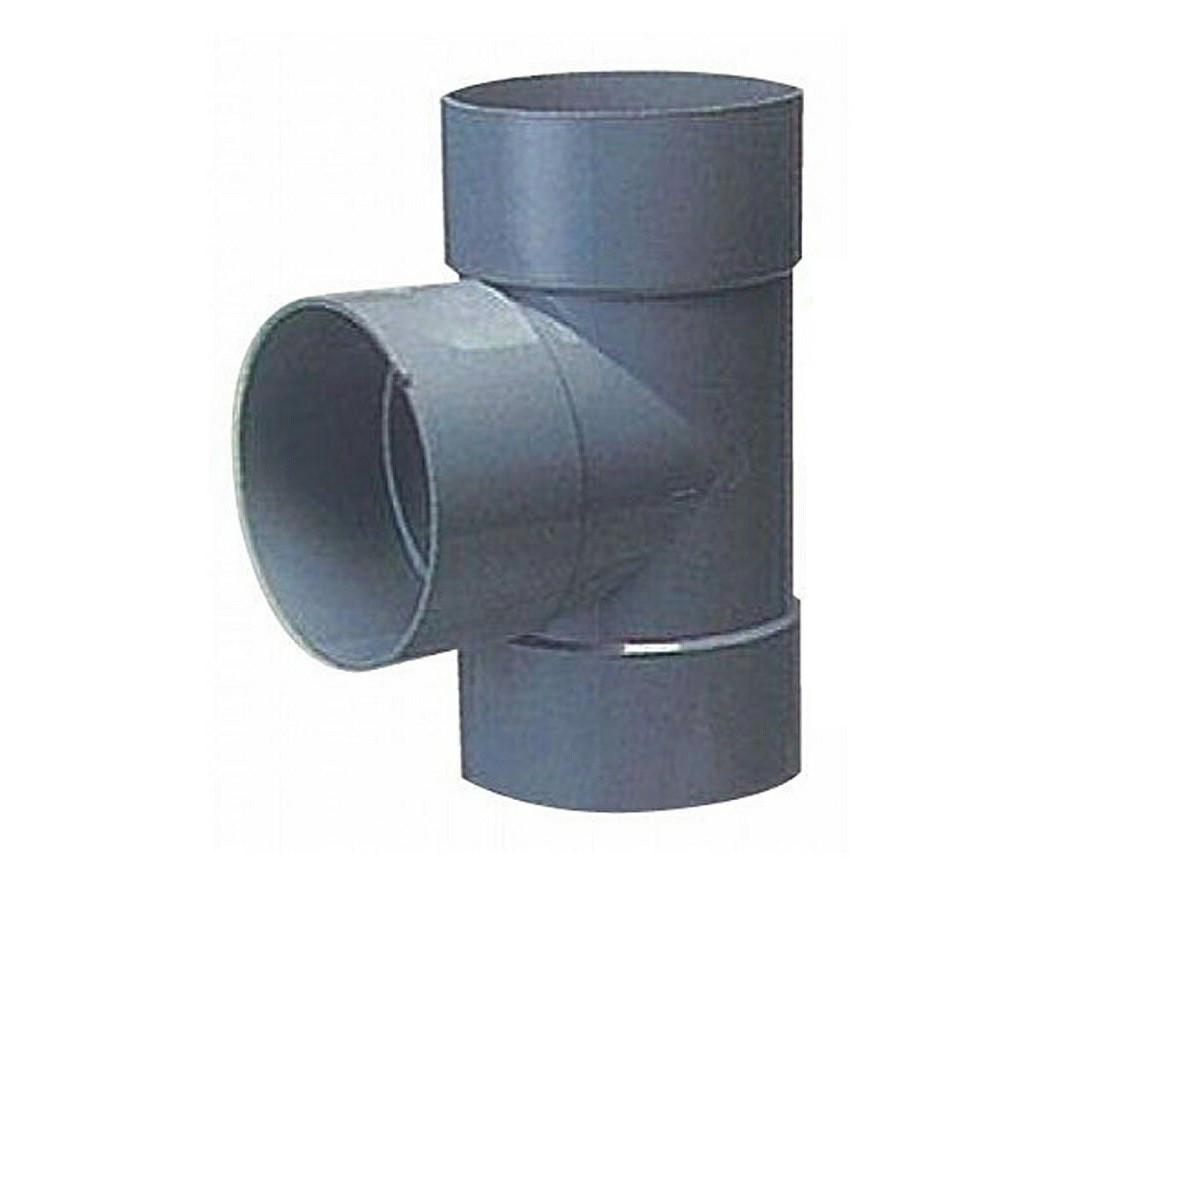 ライト管 T 210mm